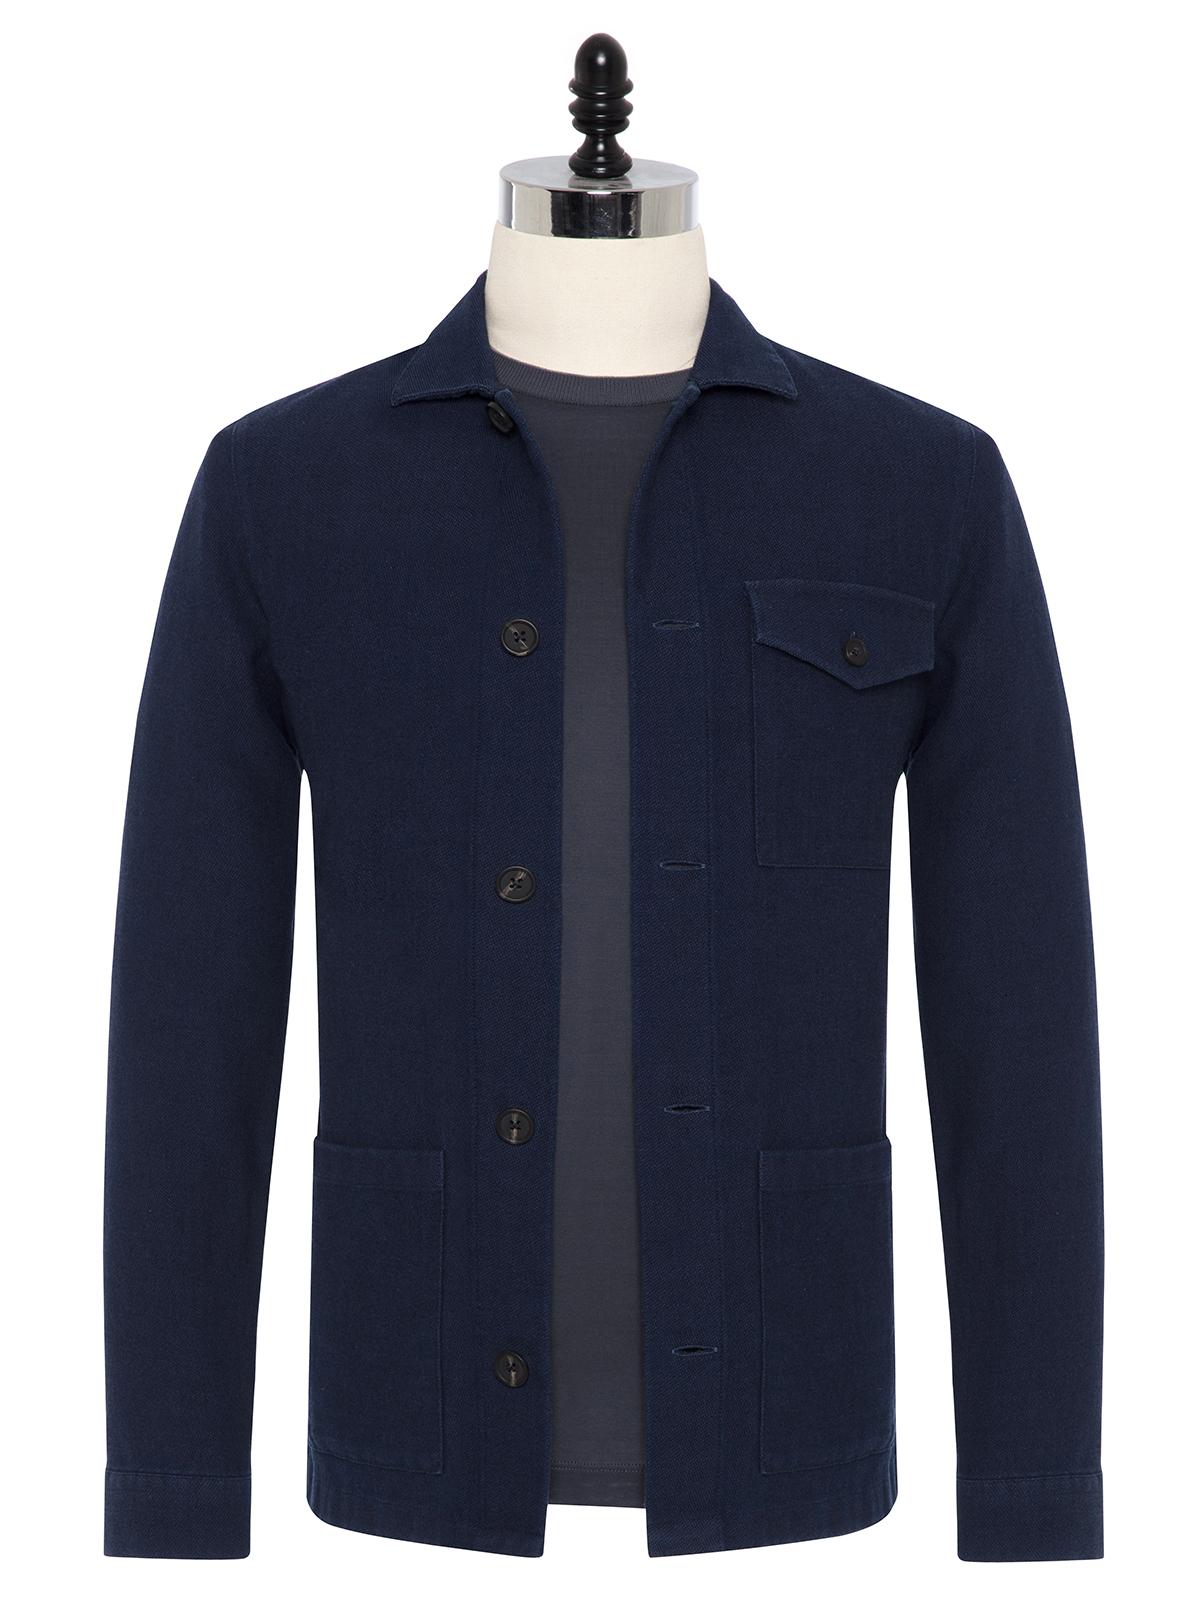 Germirli - Germirli Mavi Dokulu İndigo Tailor Fit Ceket Gömlek